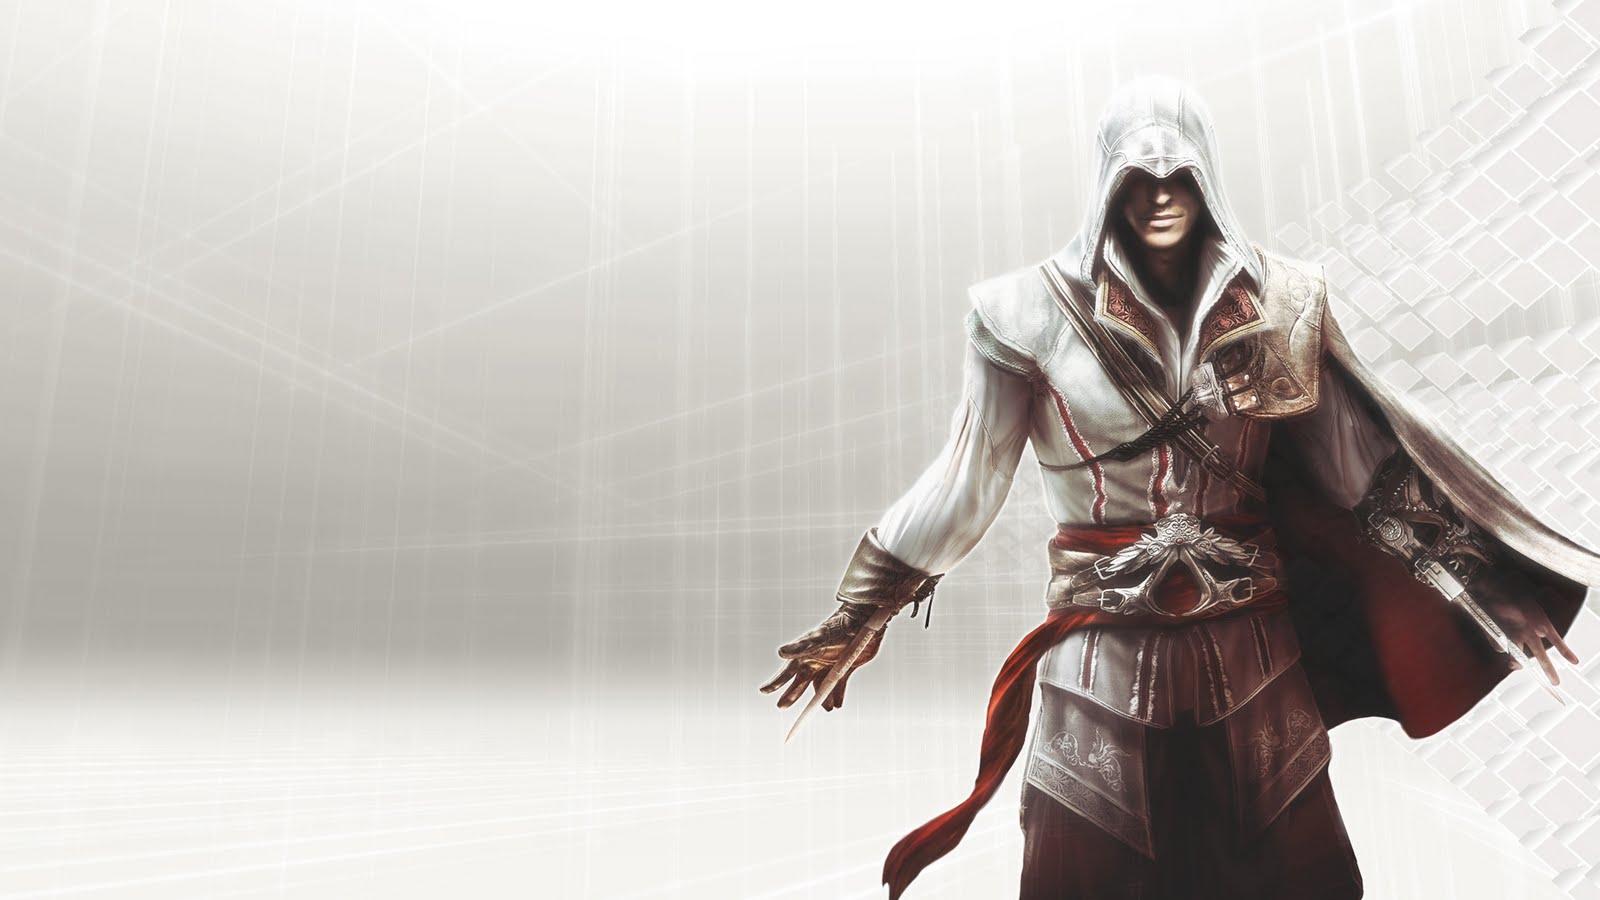 Assassin's creed HD wallpaper ~ GO 4 WALLPAPER DOWNLOAD